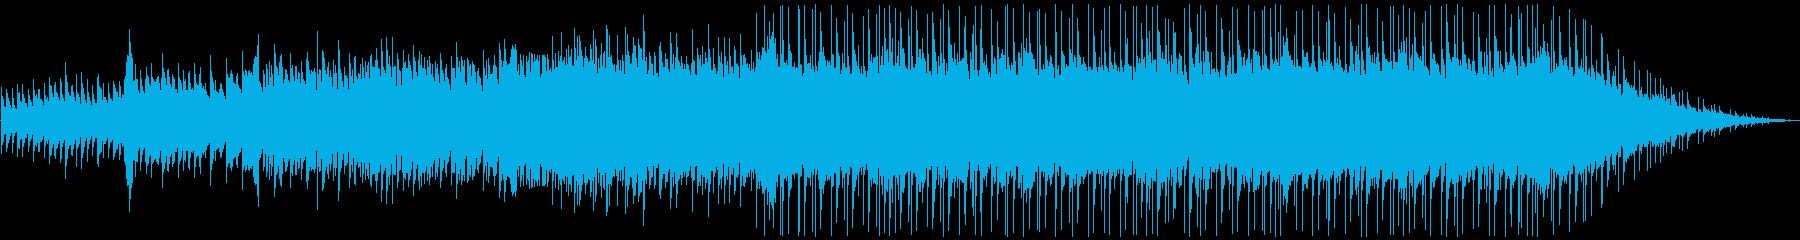 ピアノ&アコギ&ストリングス爽やかな楽曲の再生済みの波形